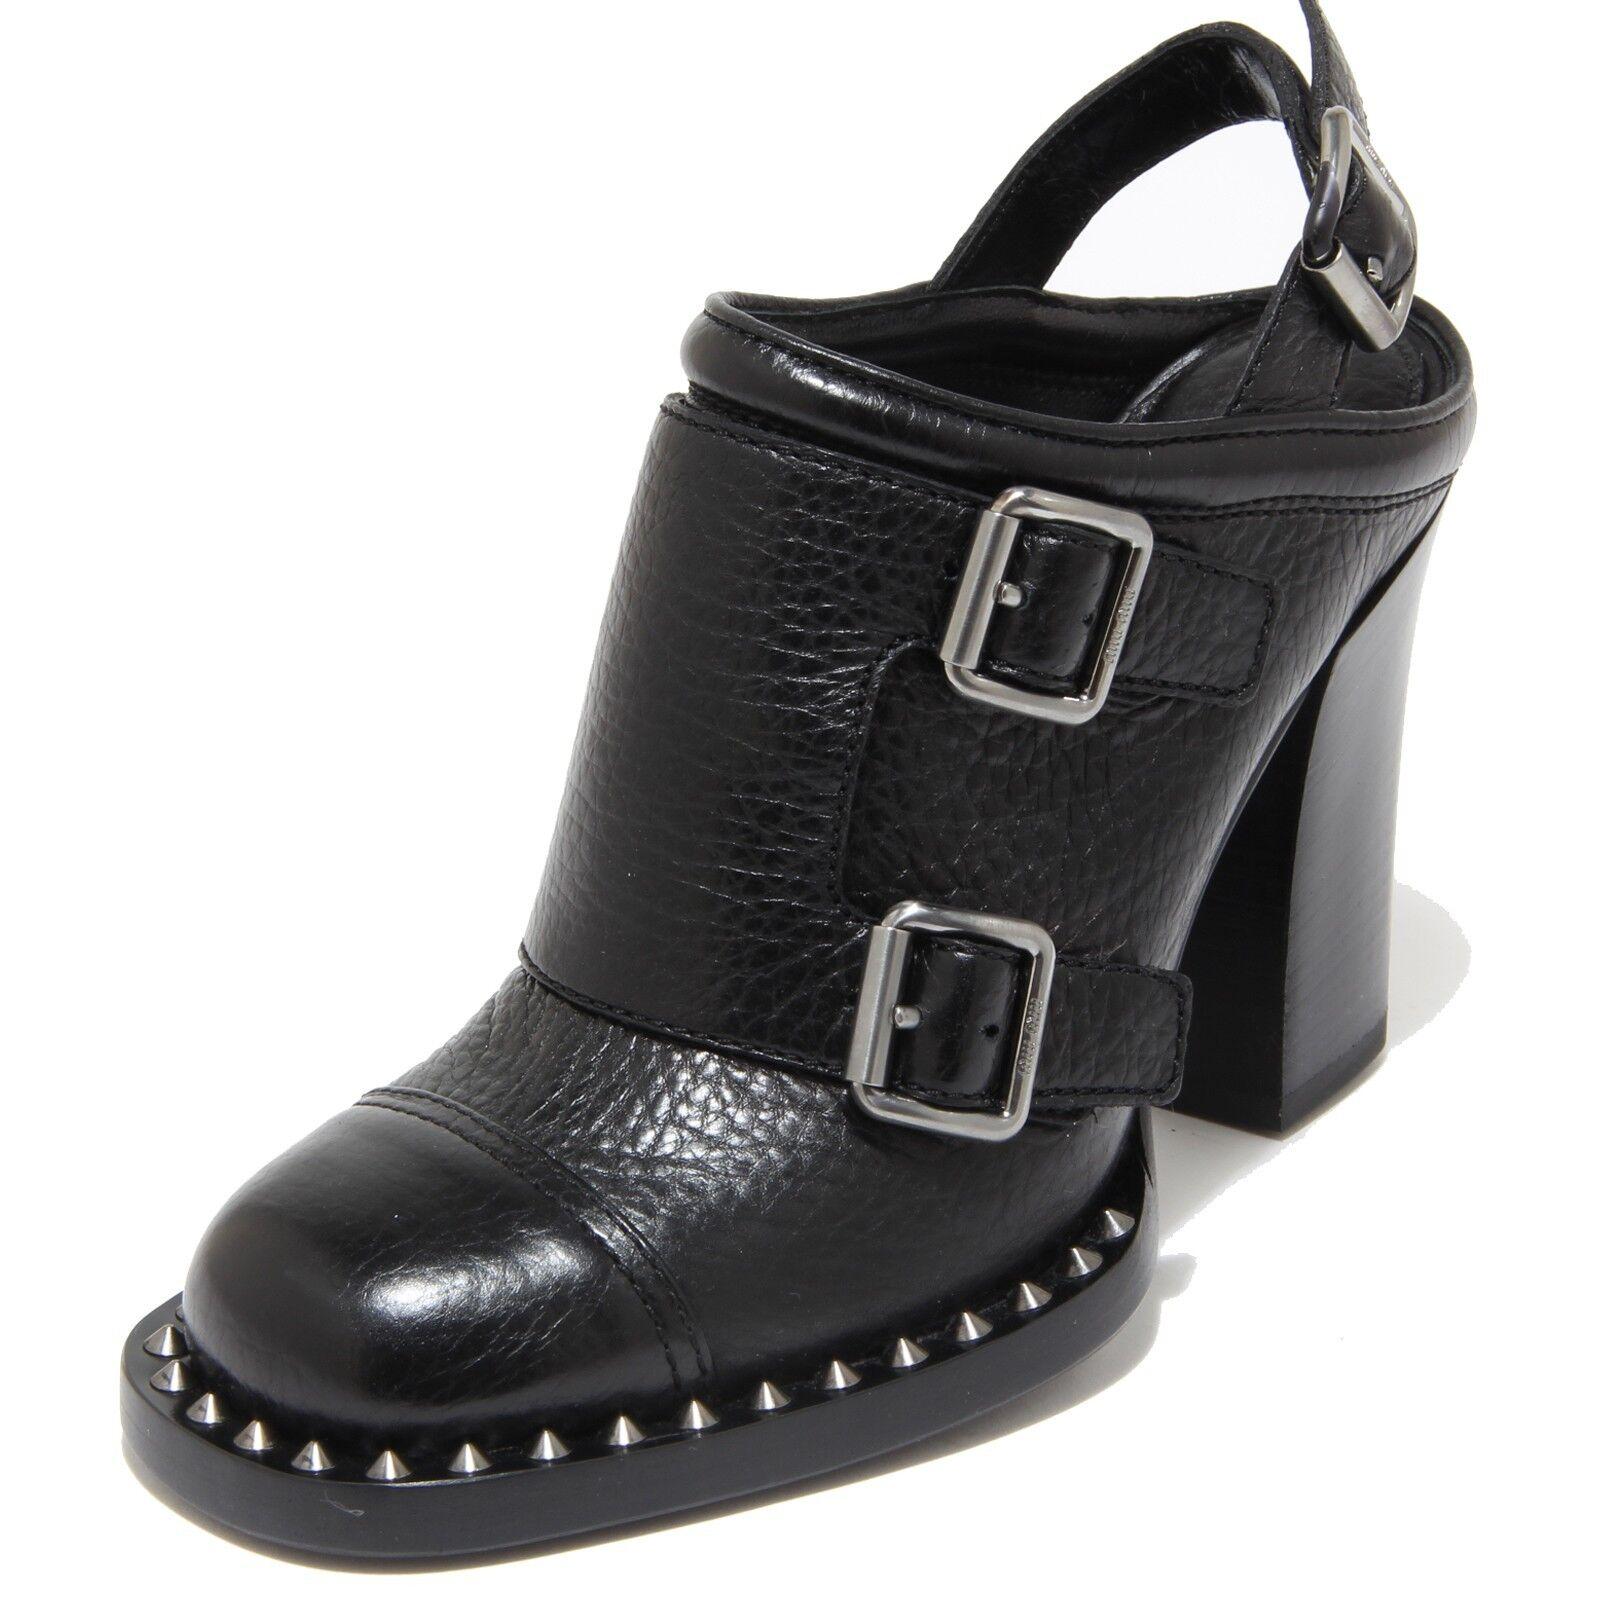 8134I scarpe donna MIU MIU MIU MIU fibbie scarpe shoes Donna a6cc82